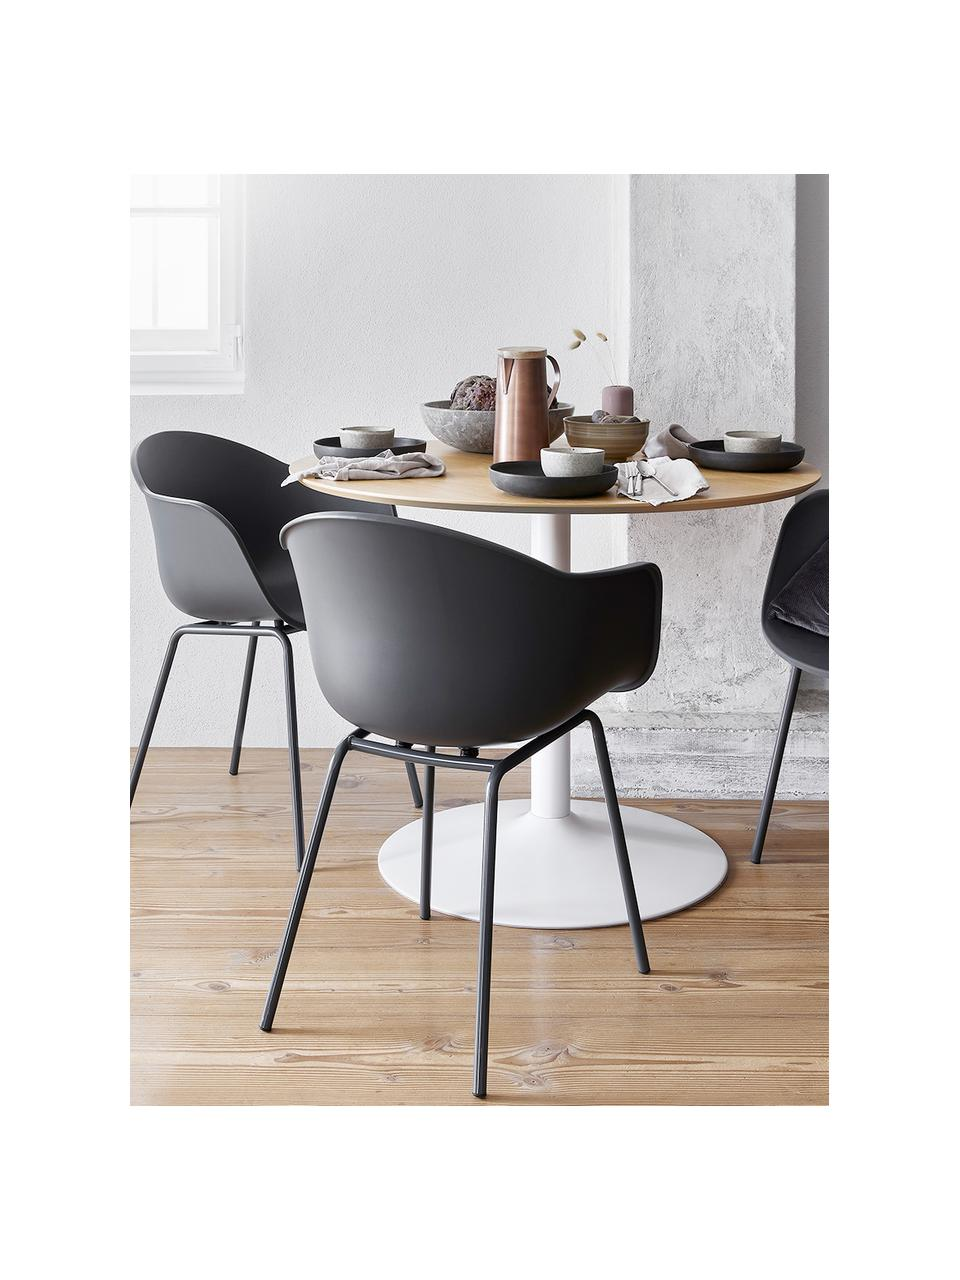 Krzesło z podłokietnikami z tworzywa sztucznego Claire, Nogi: metal malowany proszkowo, Szary, S 60 x G 54 cm